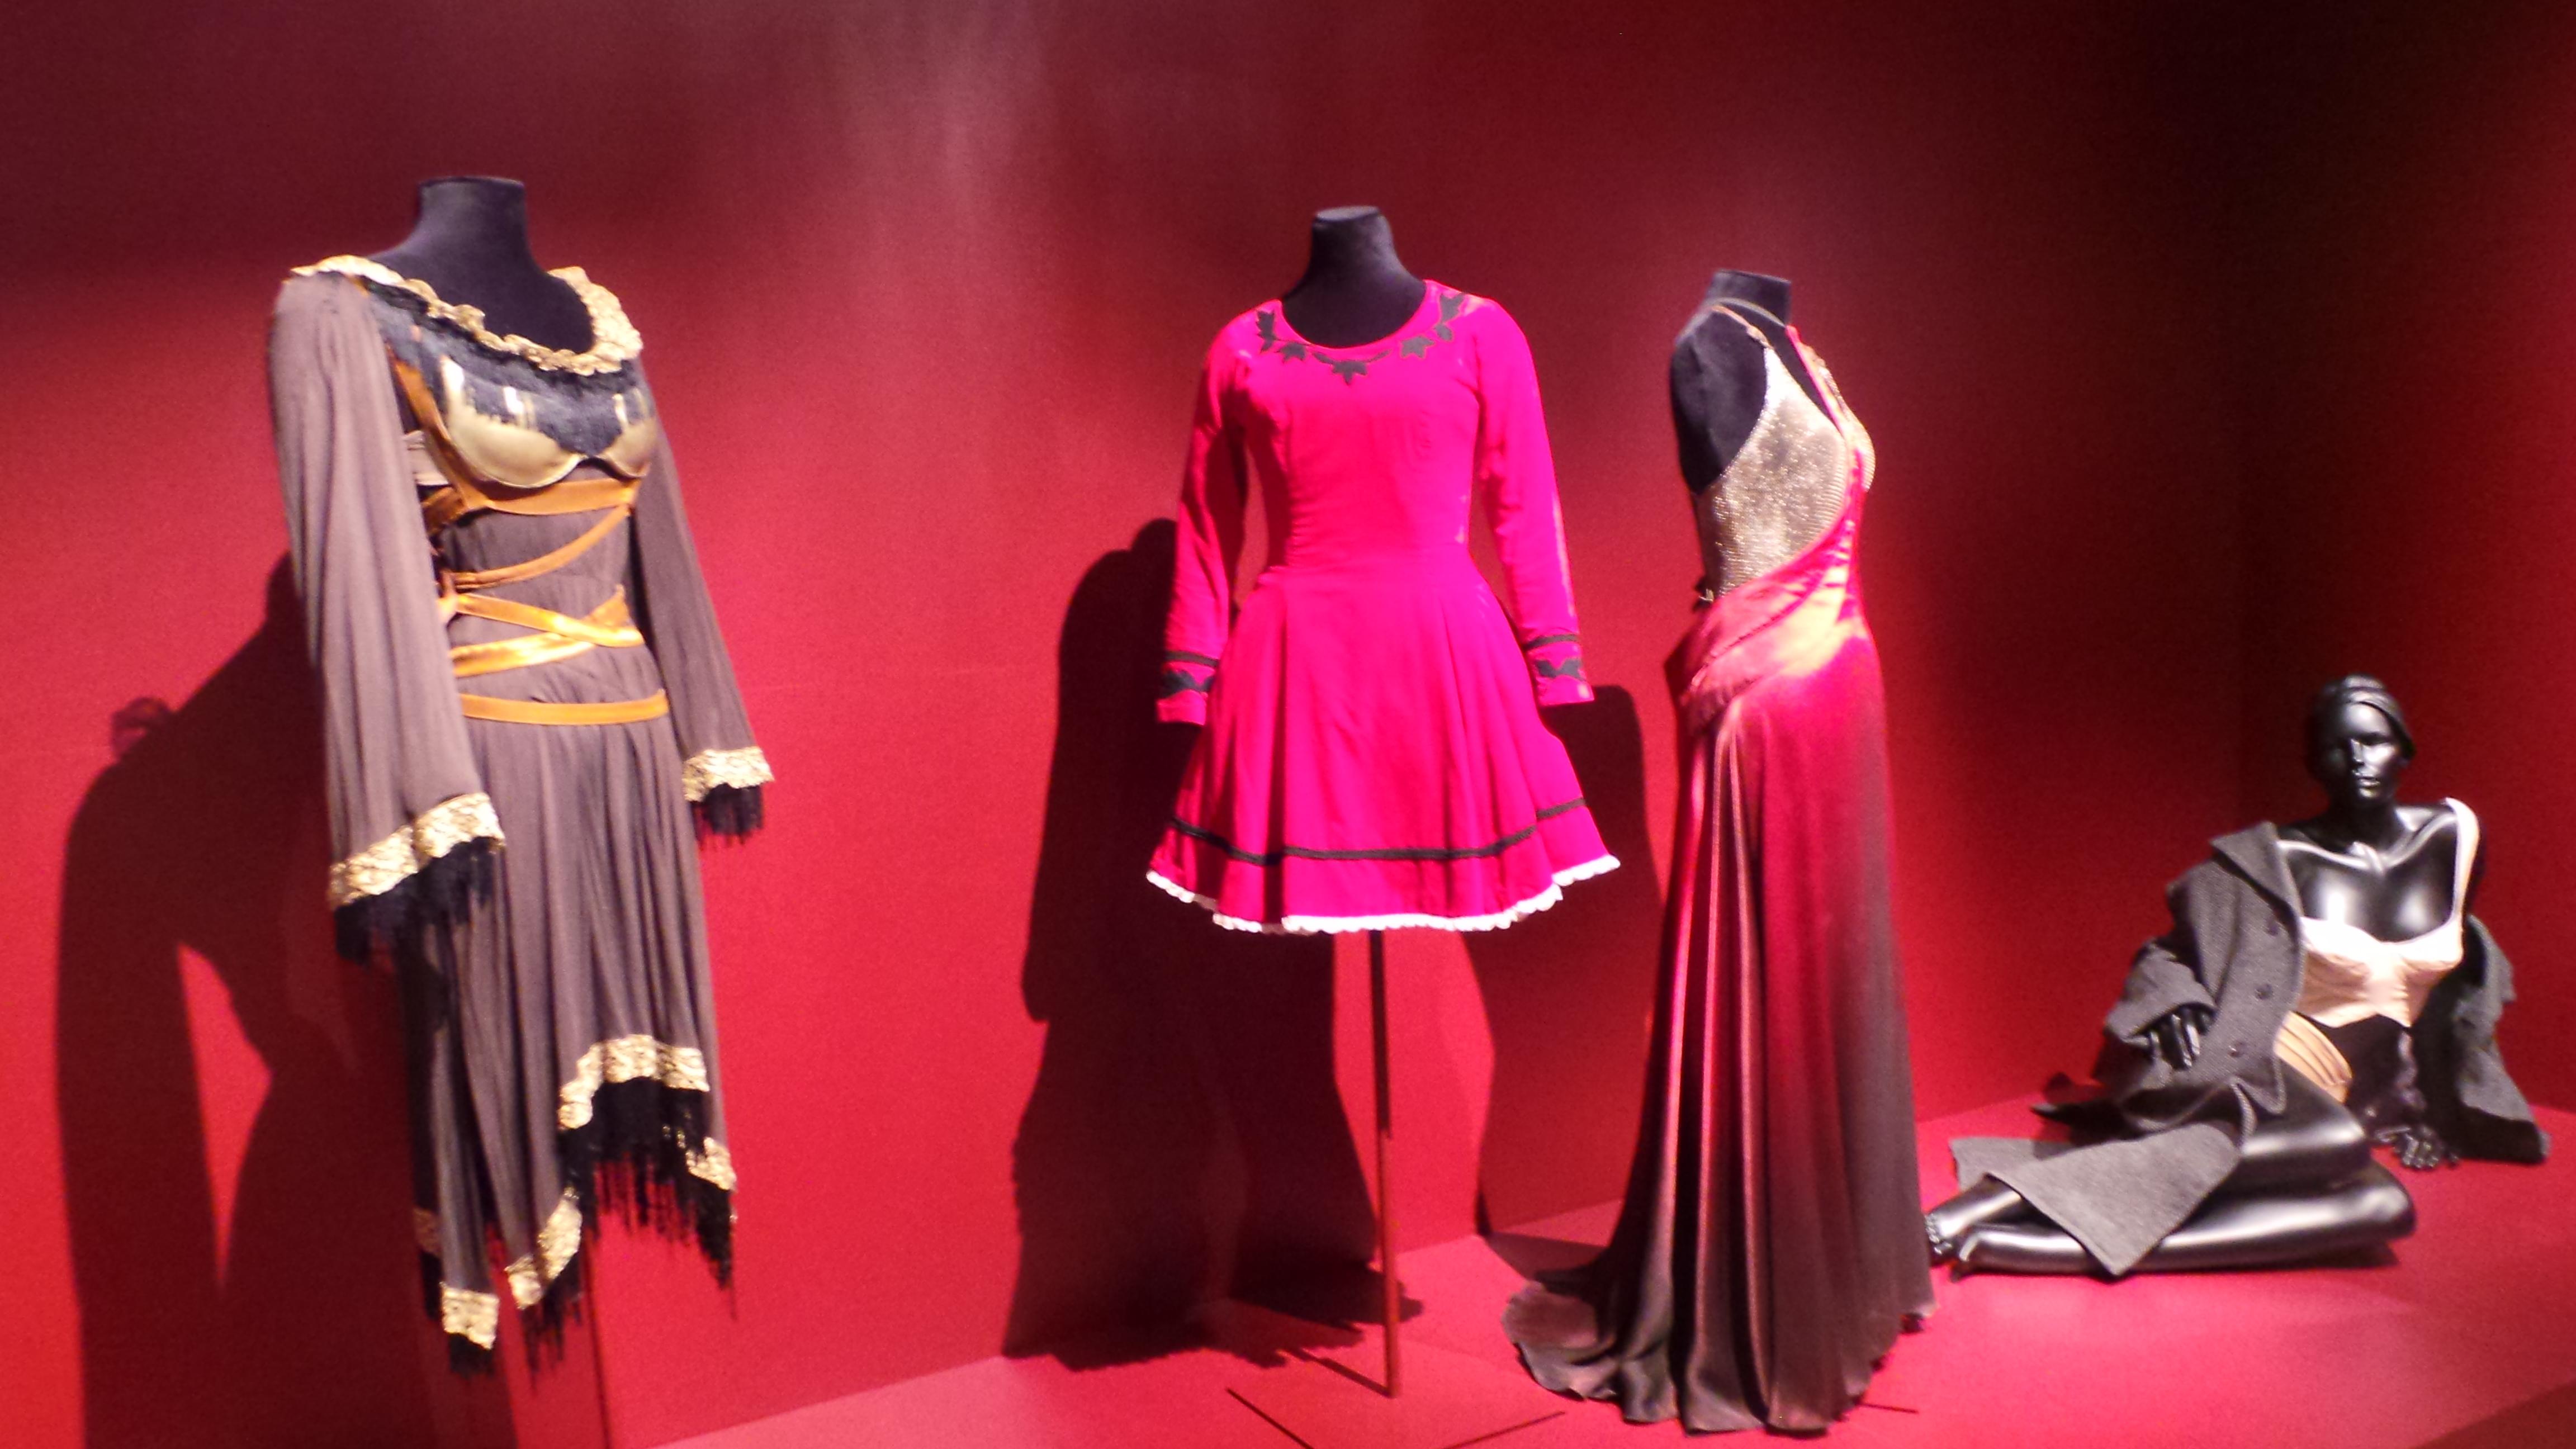 20151002_121452 - Exposition Angelin Preljocaj CNCS Moulins 2015 Costumes de danse Les Quatre Saisons